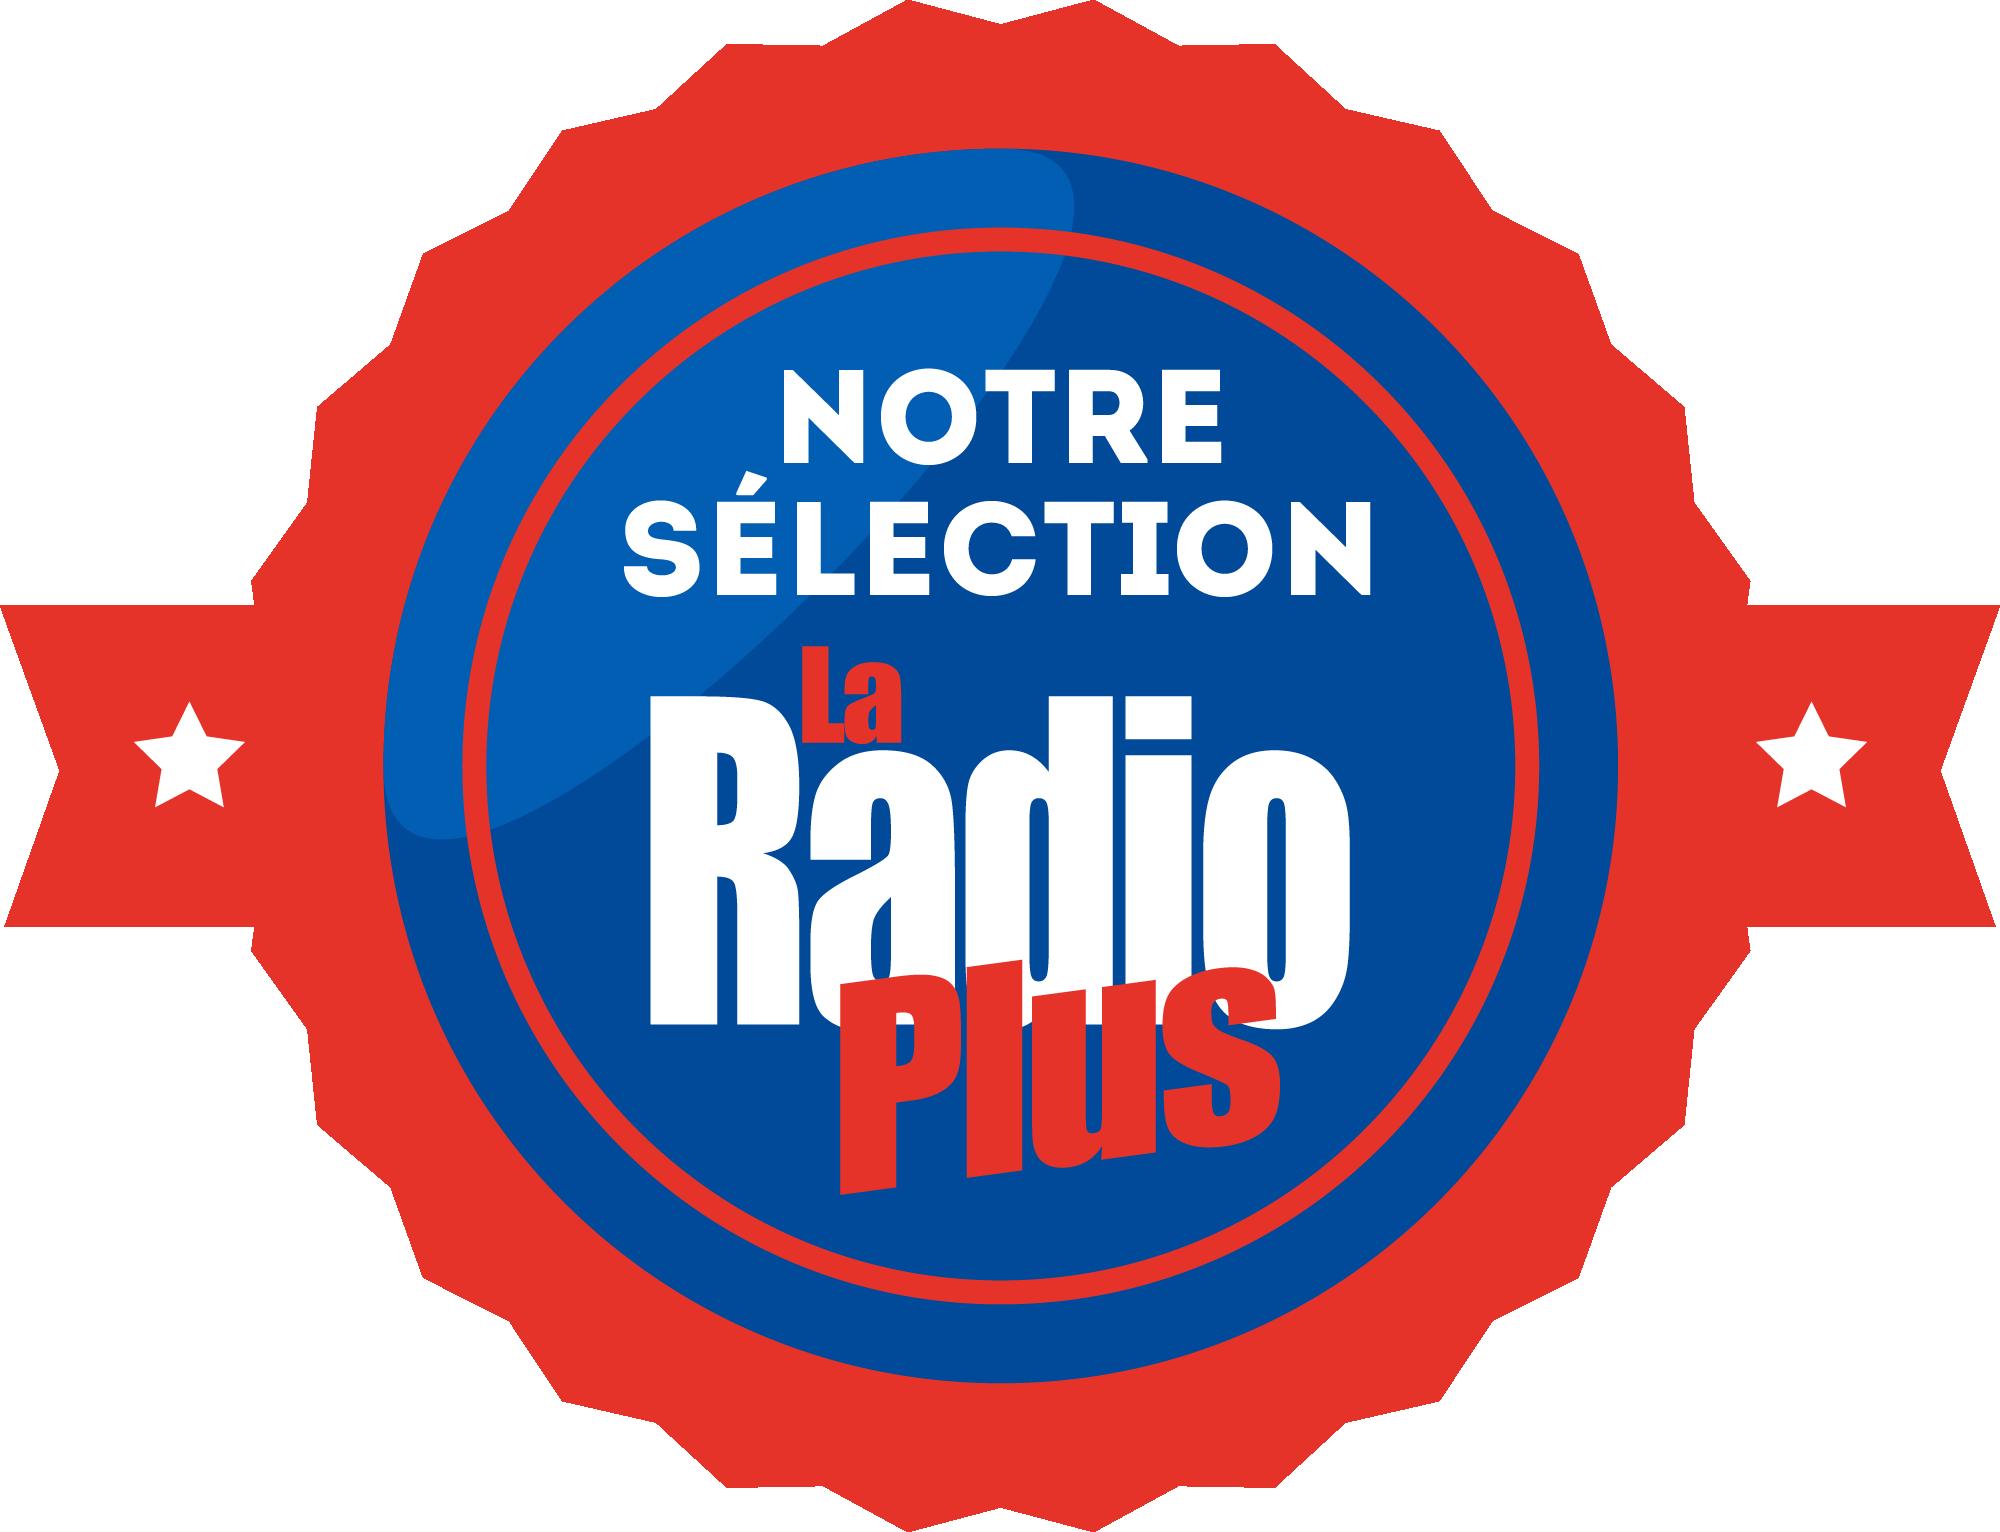 Notre sélection La Radio Plus